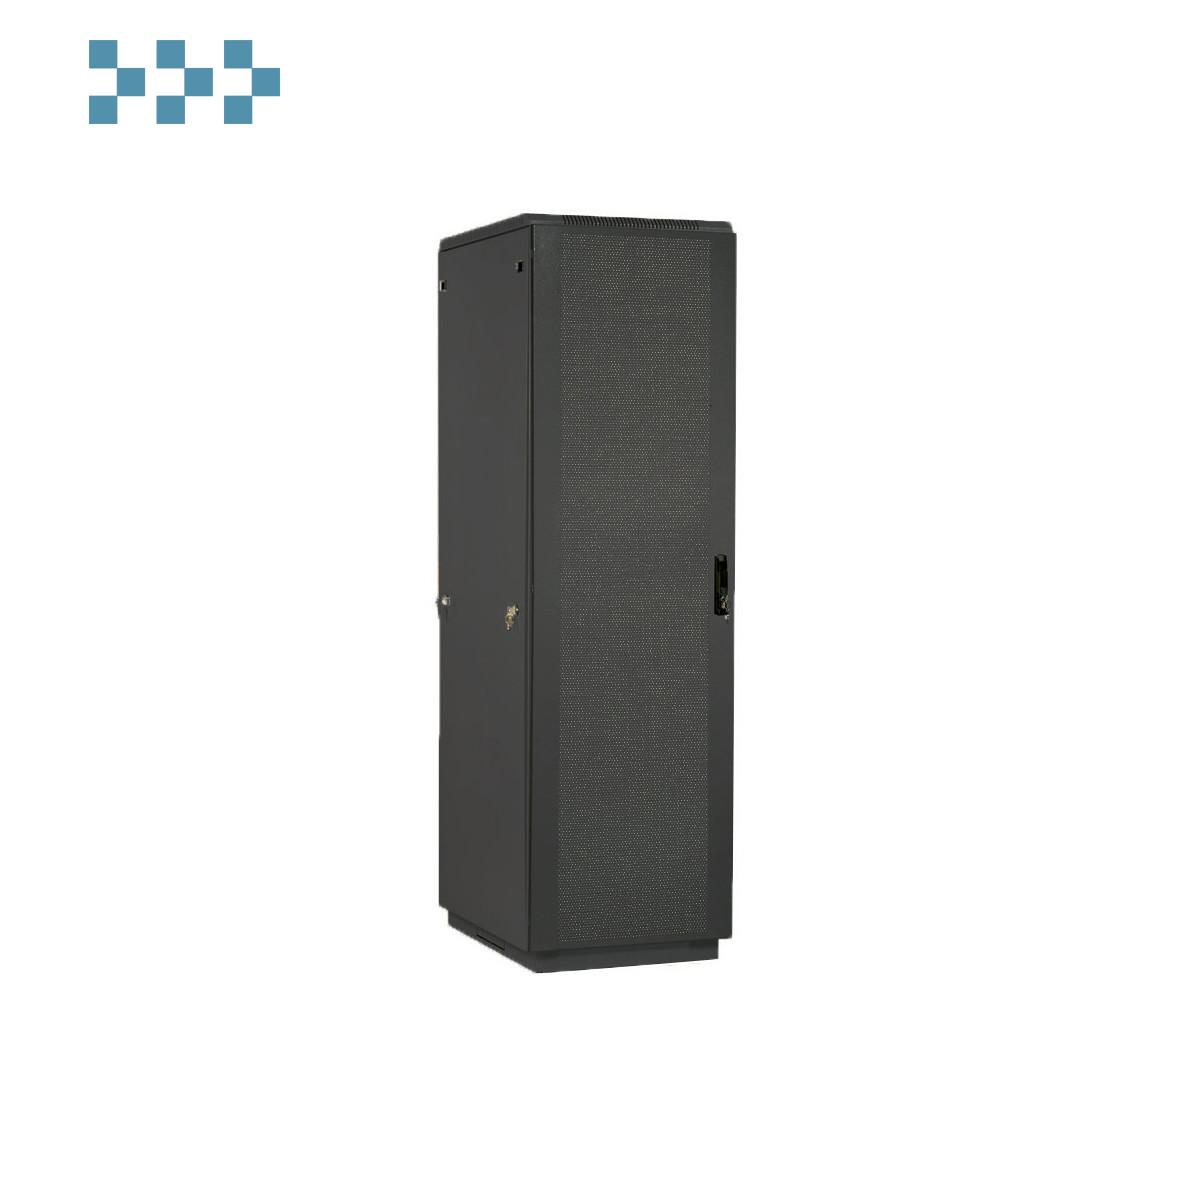 Шкаф телекоммуникационный напольный 42U ЦМО ШТК-М-42.8.10-44АА-9005